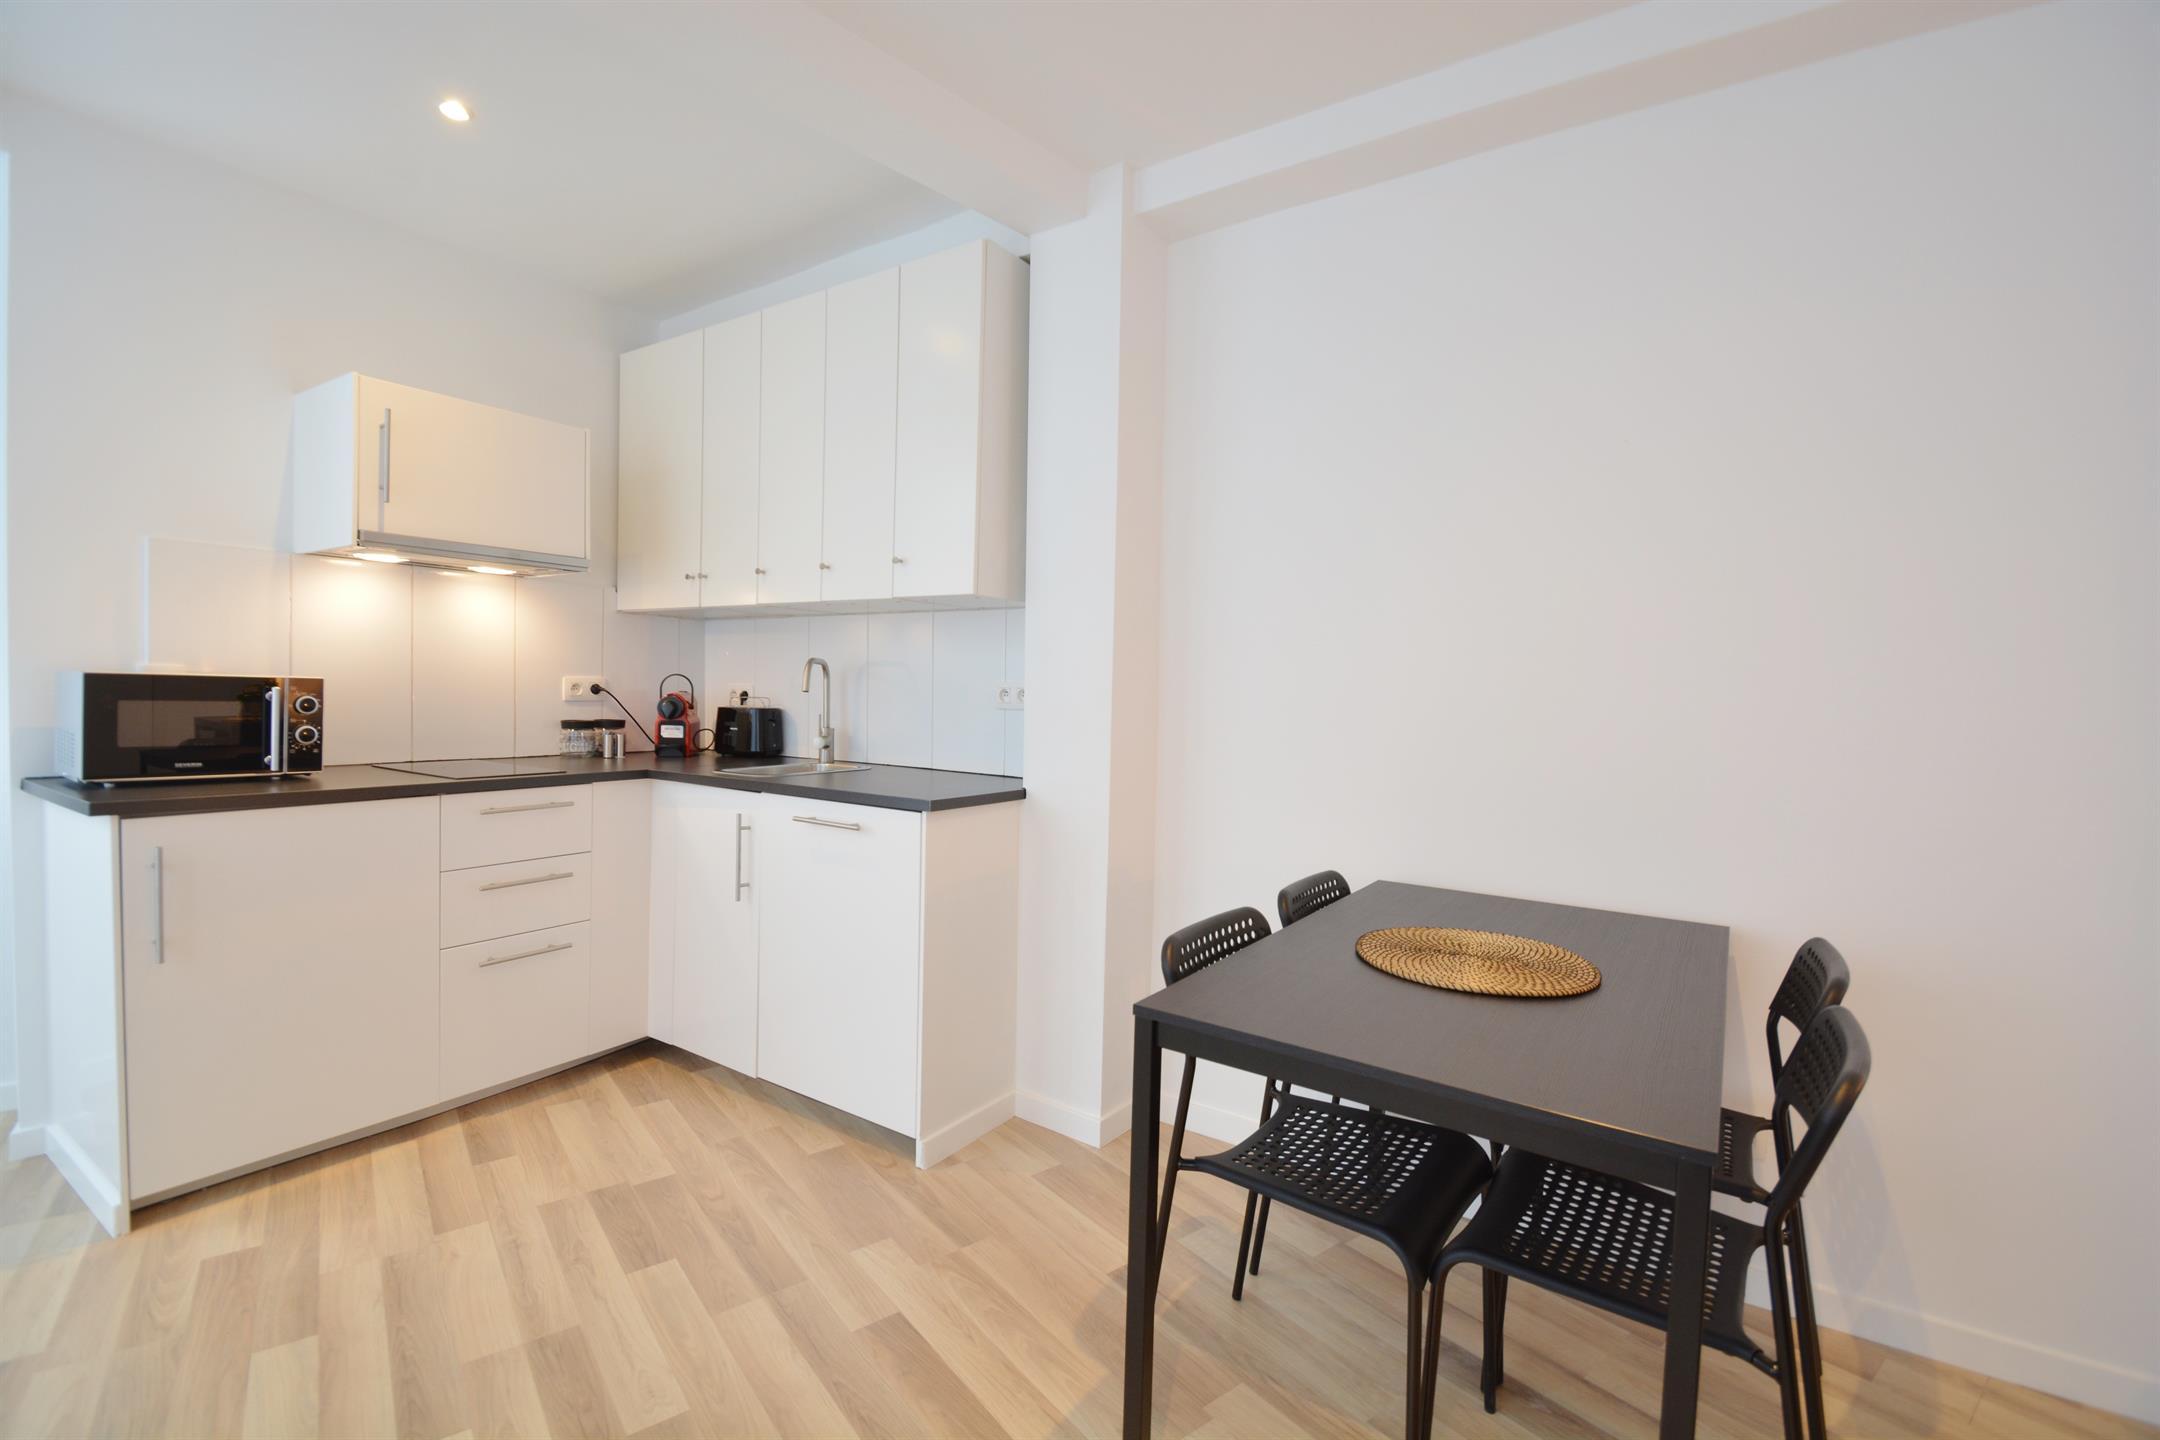 Appartement - Saint-Josse-ten-Noode - #4148836-4